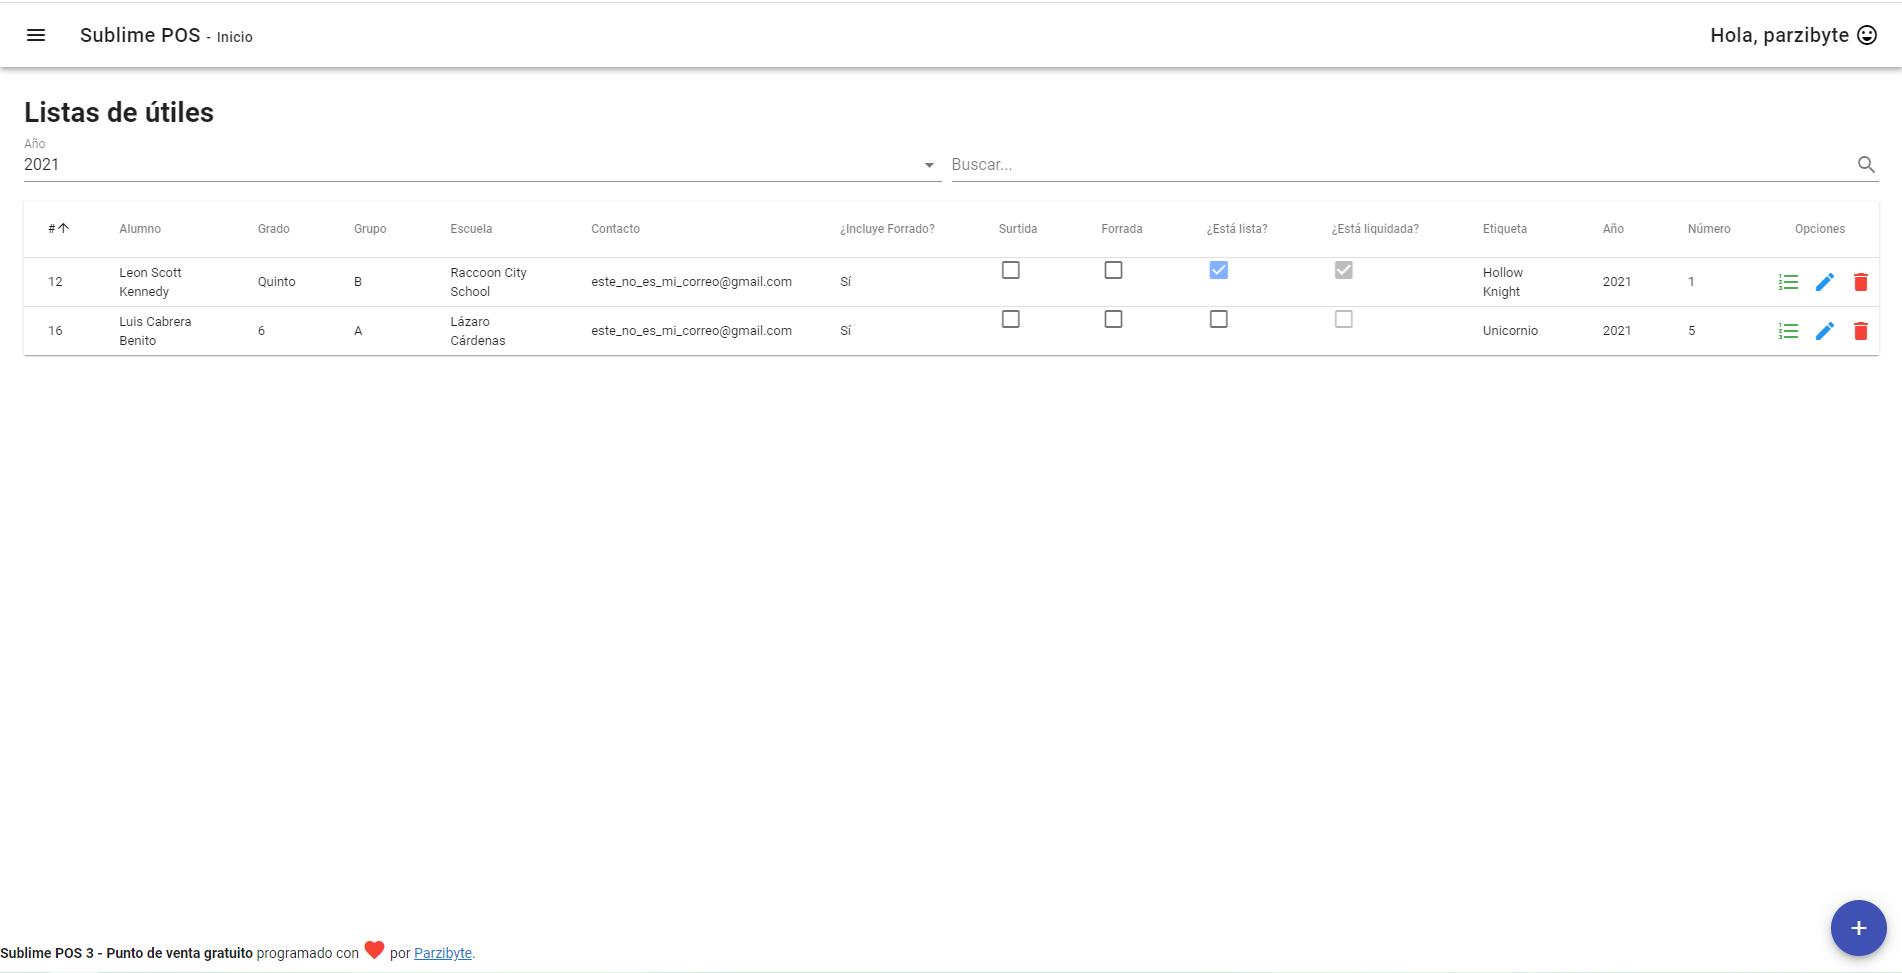 Listas de útiles con registro de alumno, productos y detalles